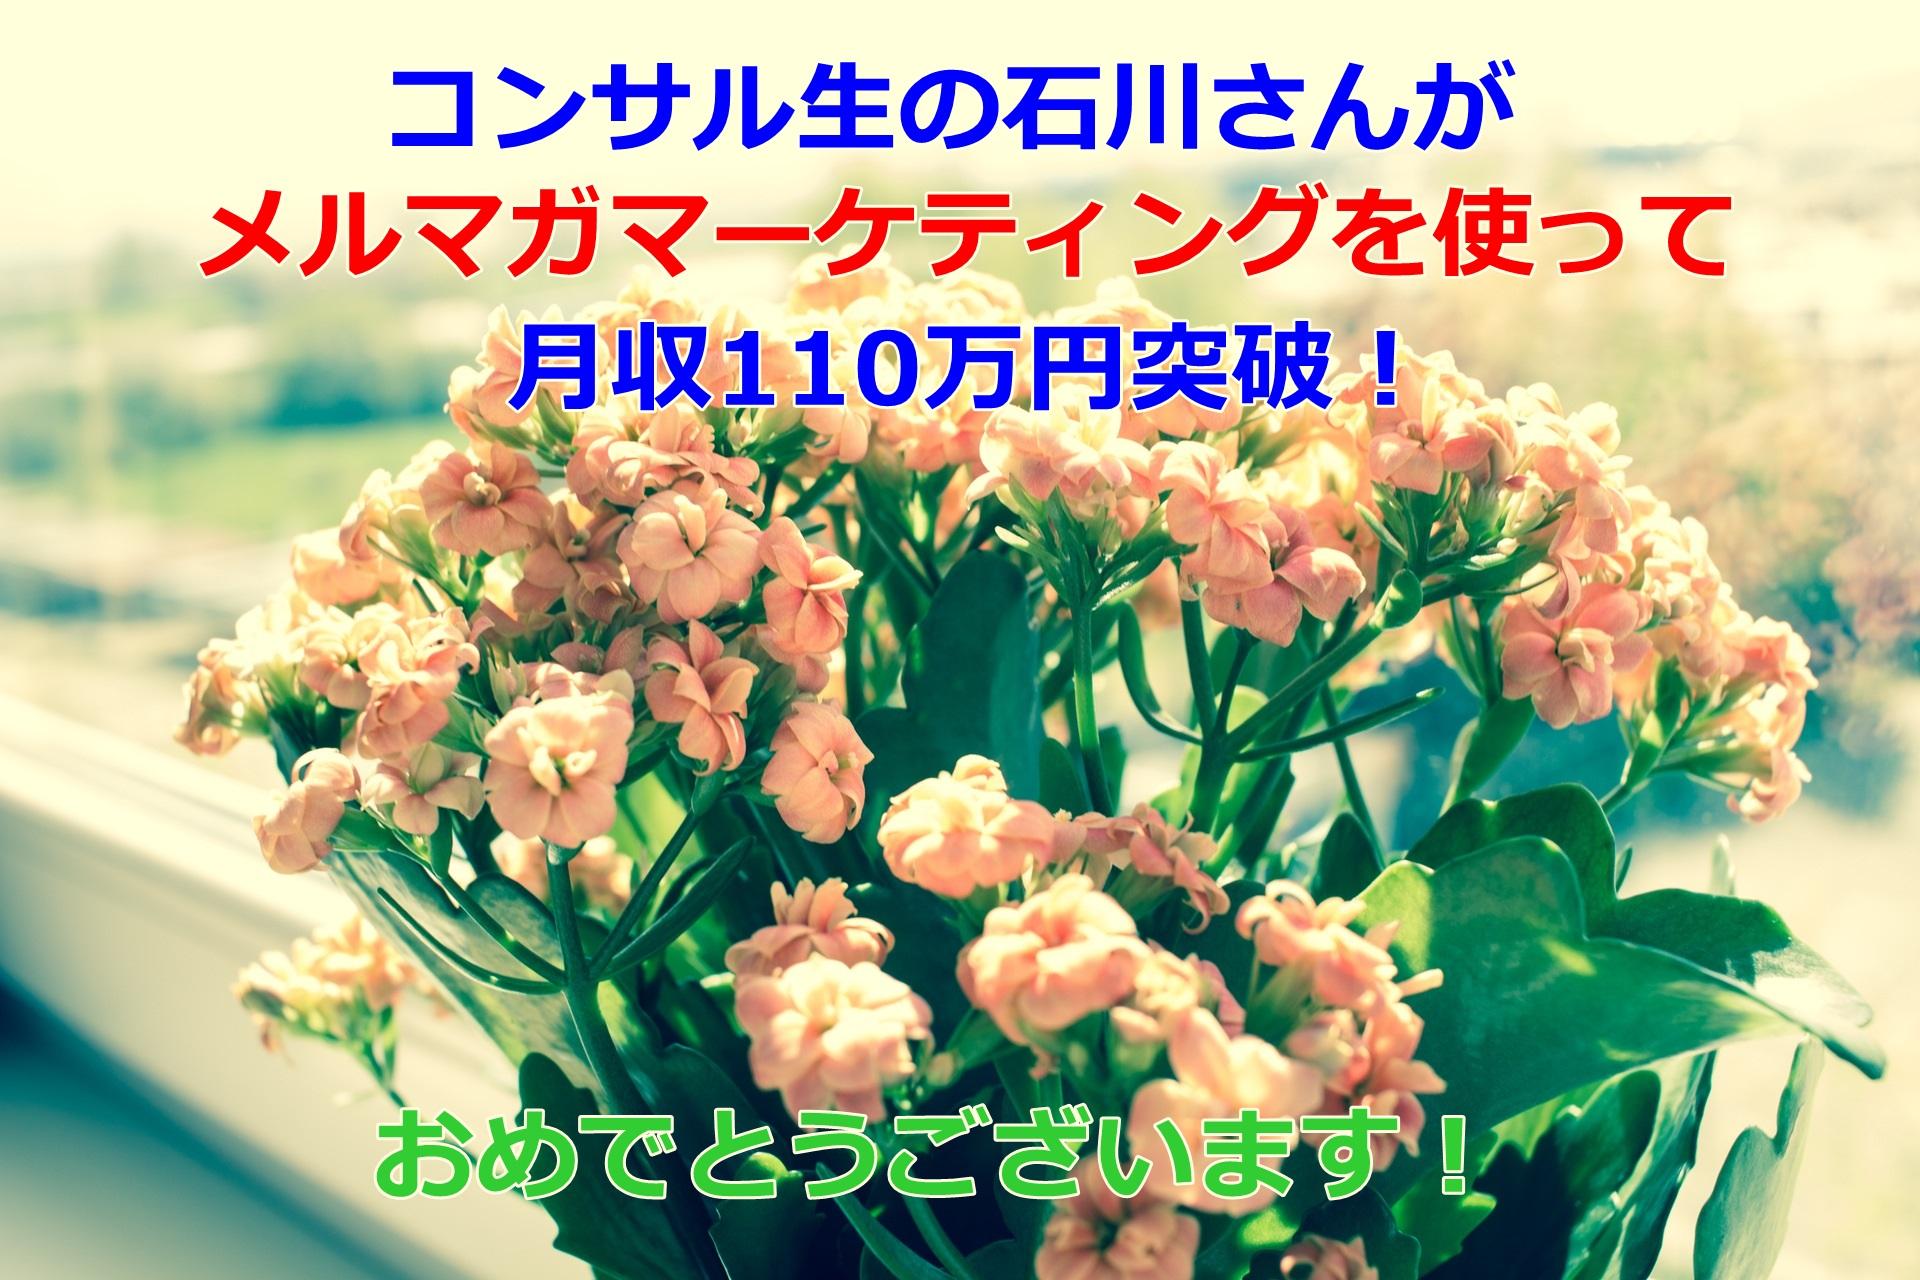 コンサル生の石川さんが月収110万円を達成!